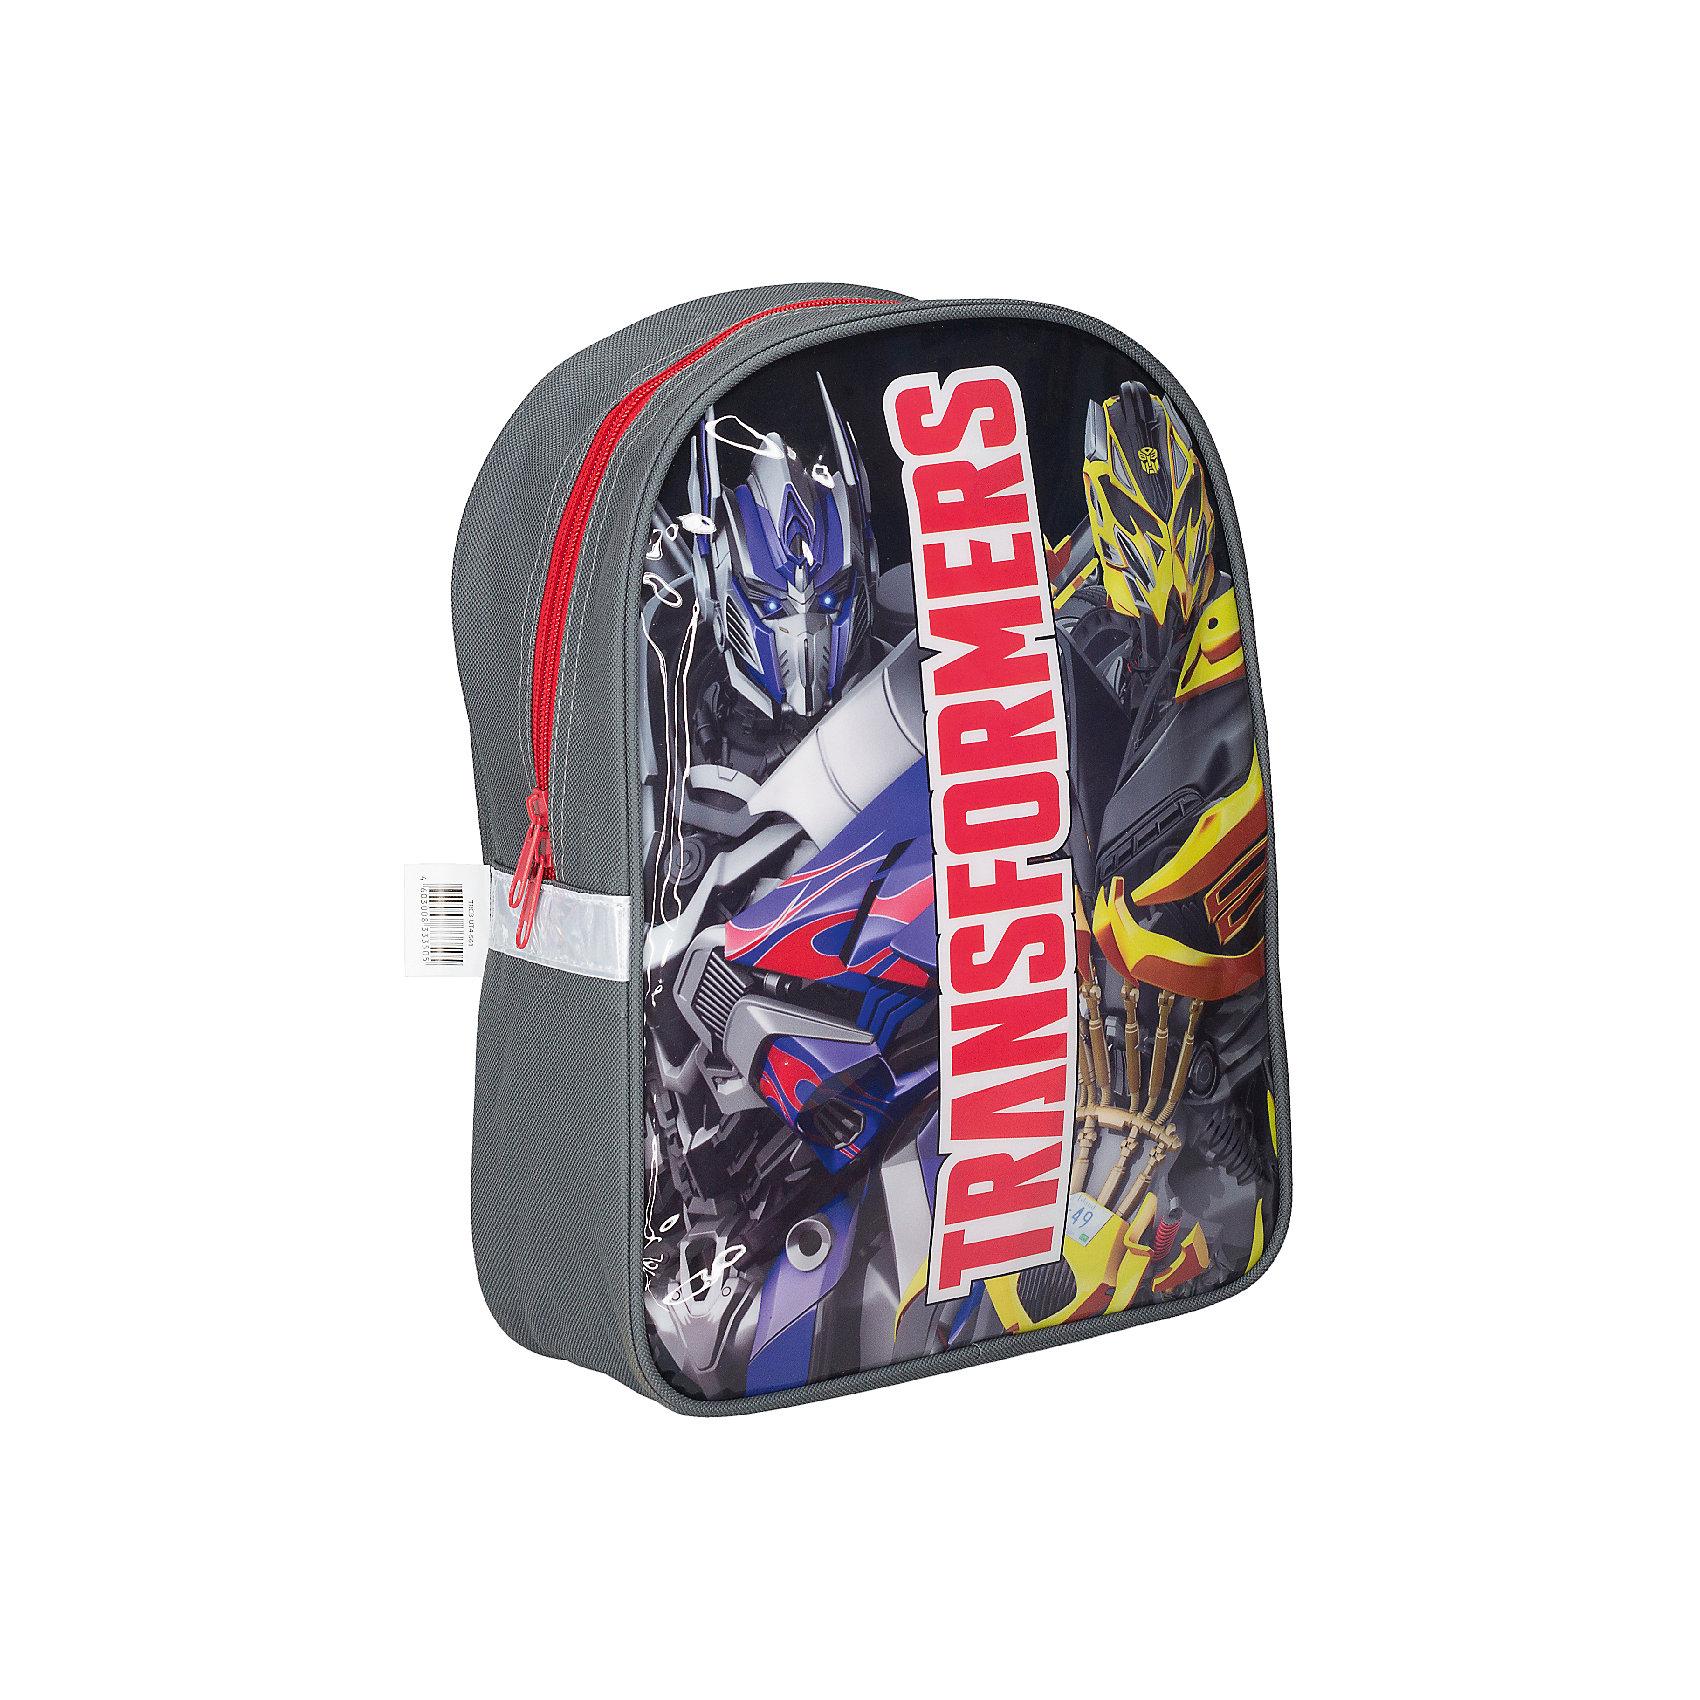 Дошкольный рюкзак, ТрансформерыДошкольный рюкзак 32*25*10 см, Трансформеры - практичный и яркий рюкзак станет верным другом вашего мальчика во всех путешествиях.<br>Стильный и продуманный до мелочей рюкзак Трансформеры отлично подойдет для занятий спортом или прогулок на свежем воздухе. В нем с легкостью можно разместить все самые нужные вещи. Рюкзак содержит одно вместительное отделение, закрывающееся на застежку-молнию. Внутри есть пришивной кармашек на молнии для мелочи. Рюкзак украшен ярким изображением Трансформеров. Широкие лямки регулируются по длине и равномерно распределяют нагрузку на плечевой пояс. Рюкзак оснащен ручкой для переноски. Светоотражающие элементы обеспечивают безопасность в темное время суток.<br><br>Дополнительная информация:<br><br>- Размер: 32 х 25 х 10 см.<br>- Материал: полиэстер<br>- Вес: 206 гр.<br><br>Дошкольный рюкзак 32*25*10 см, Трансформеры можно купить в нашем интернет-магазине.<br><br>Ширина мм: 100<br>Глубина мм: 250<br>Высота мм: 320<br>Вес г: 206<br>Возраст от месяцев: 96<br>Возраст до месяцев: 108<br>Пол: Мужской<br>Возраст: Детский<br>SKU: 4489615